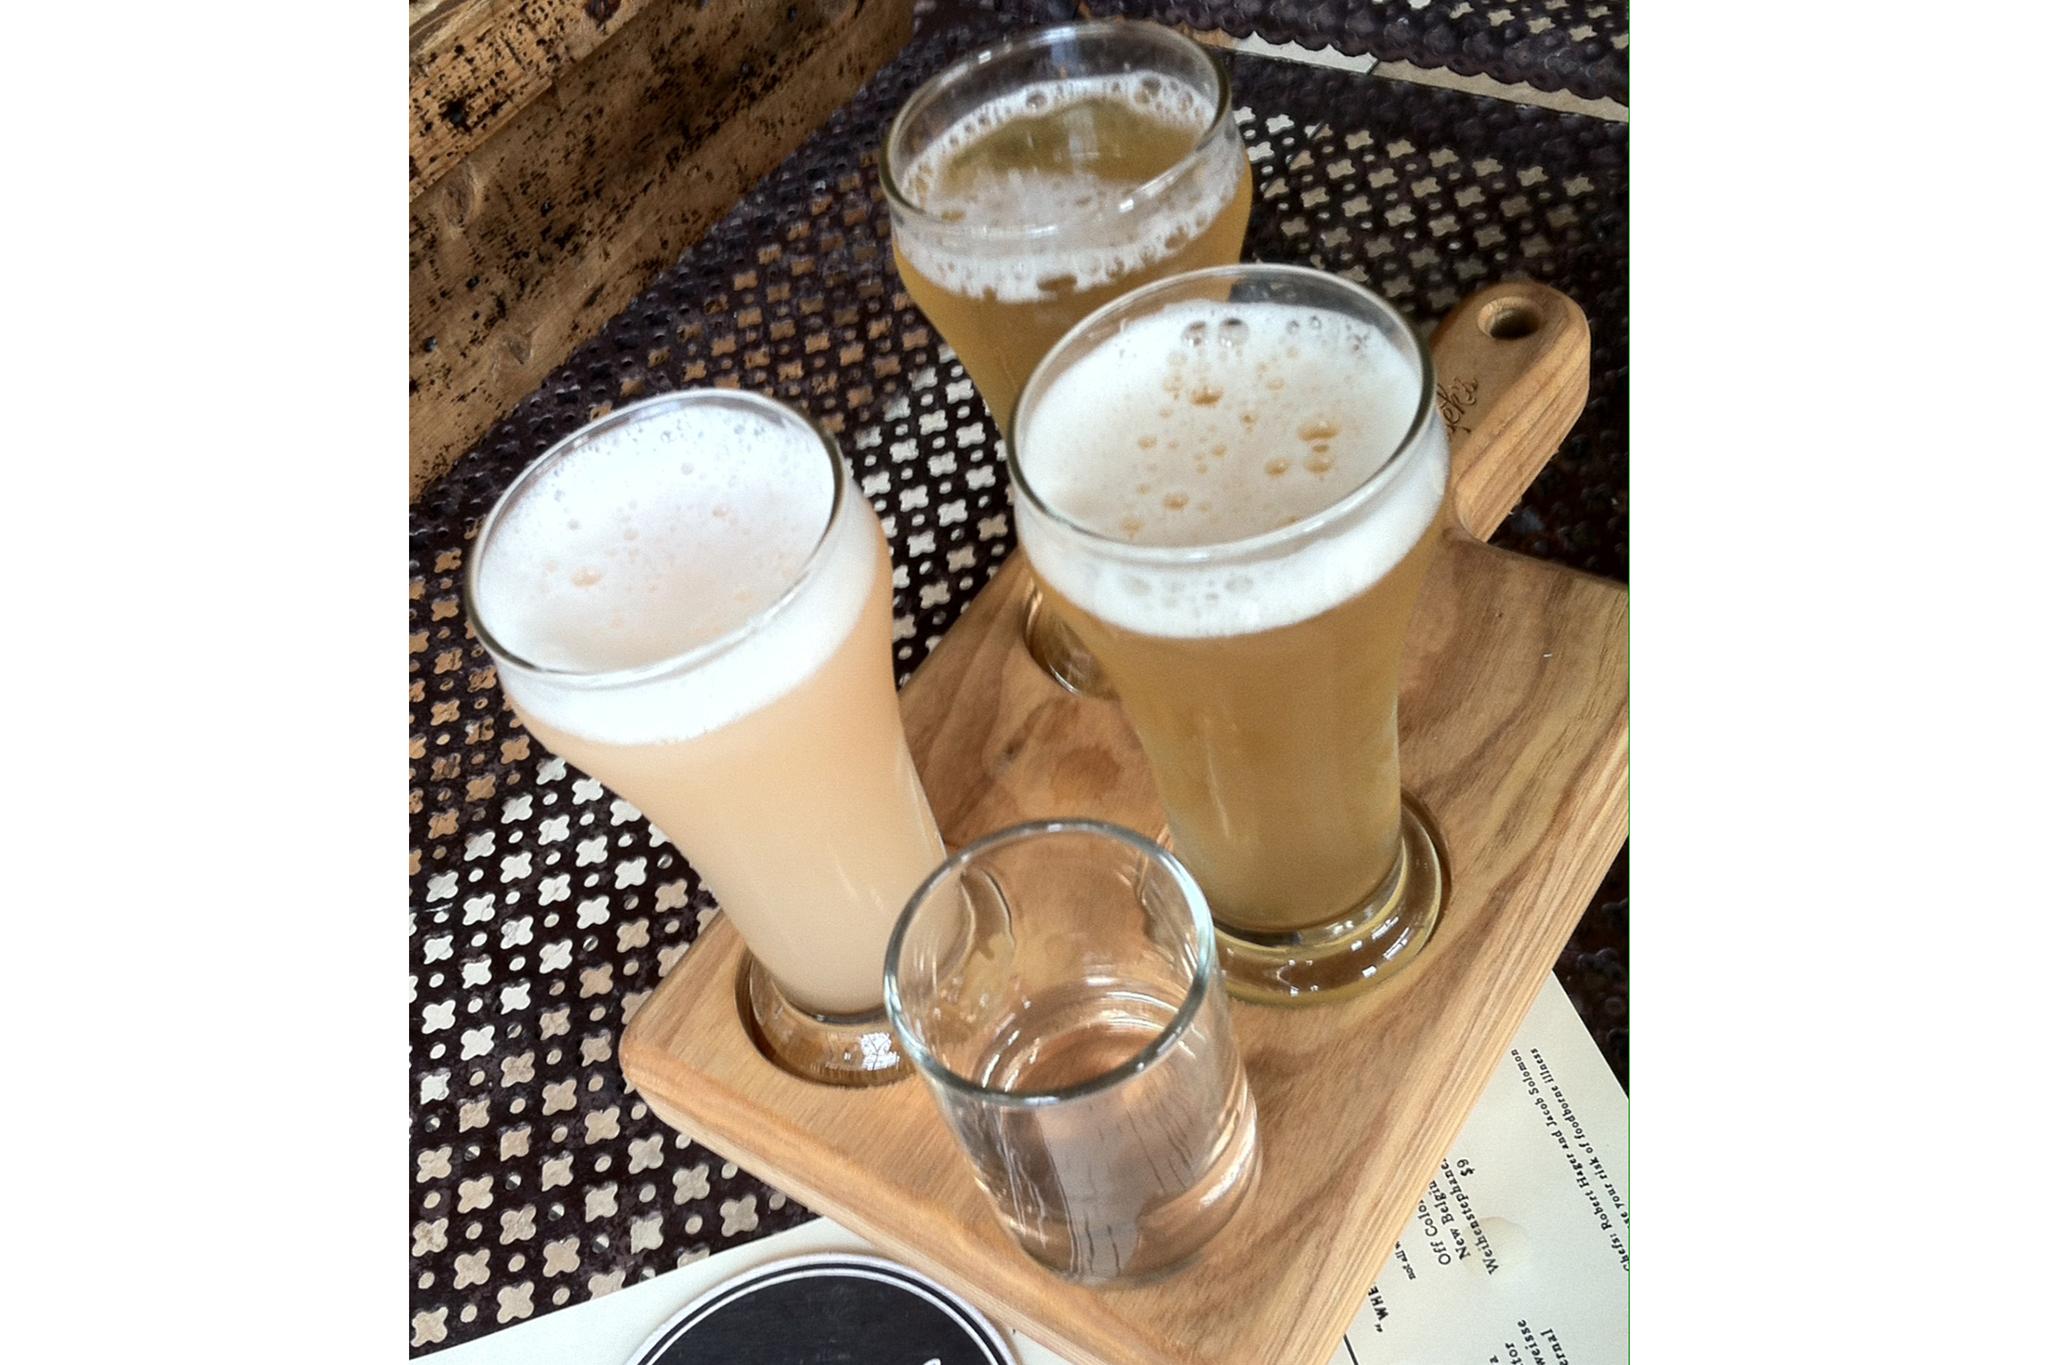 Dusek's Board and Beer